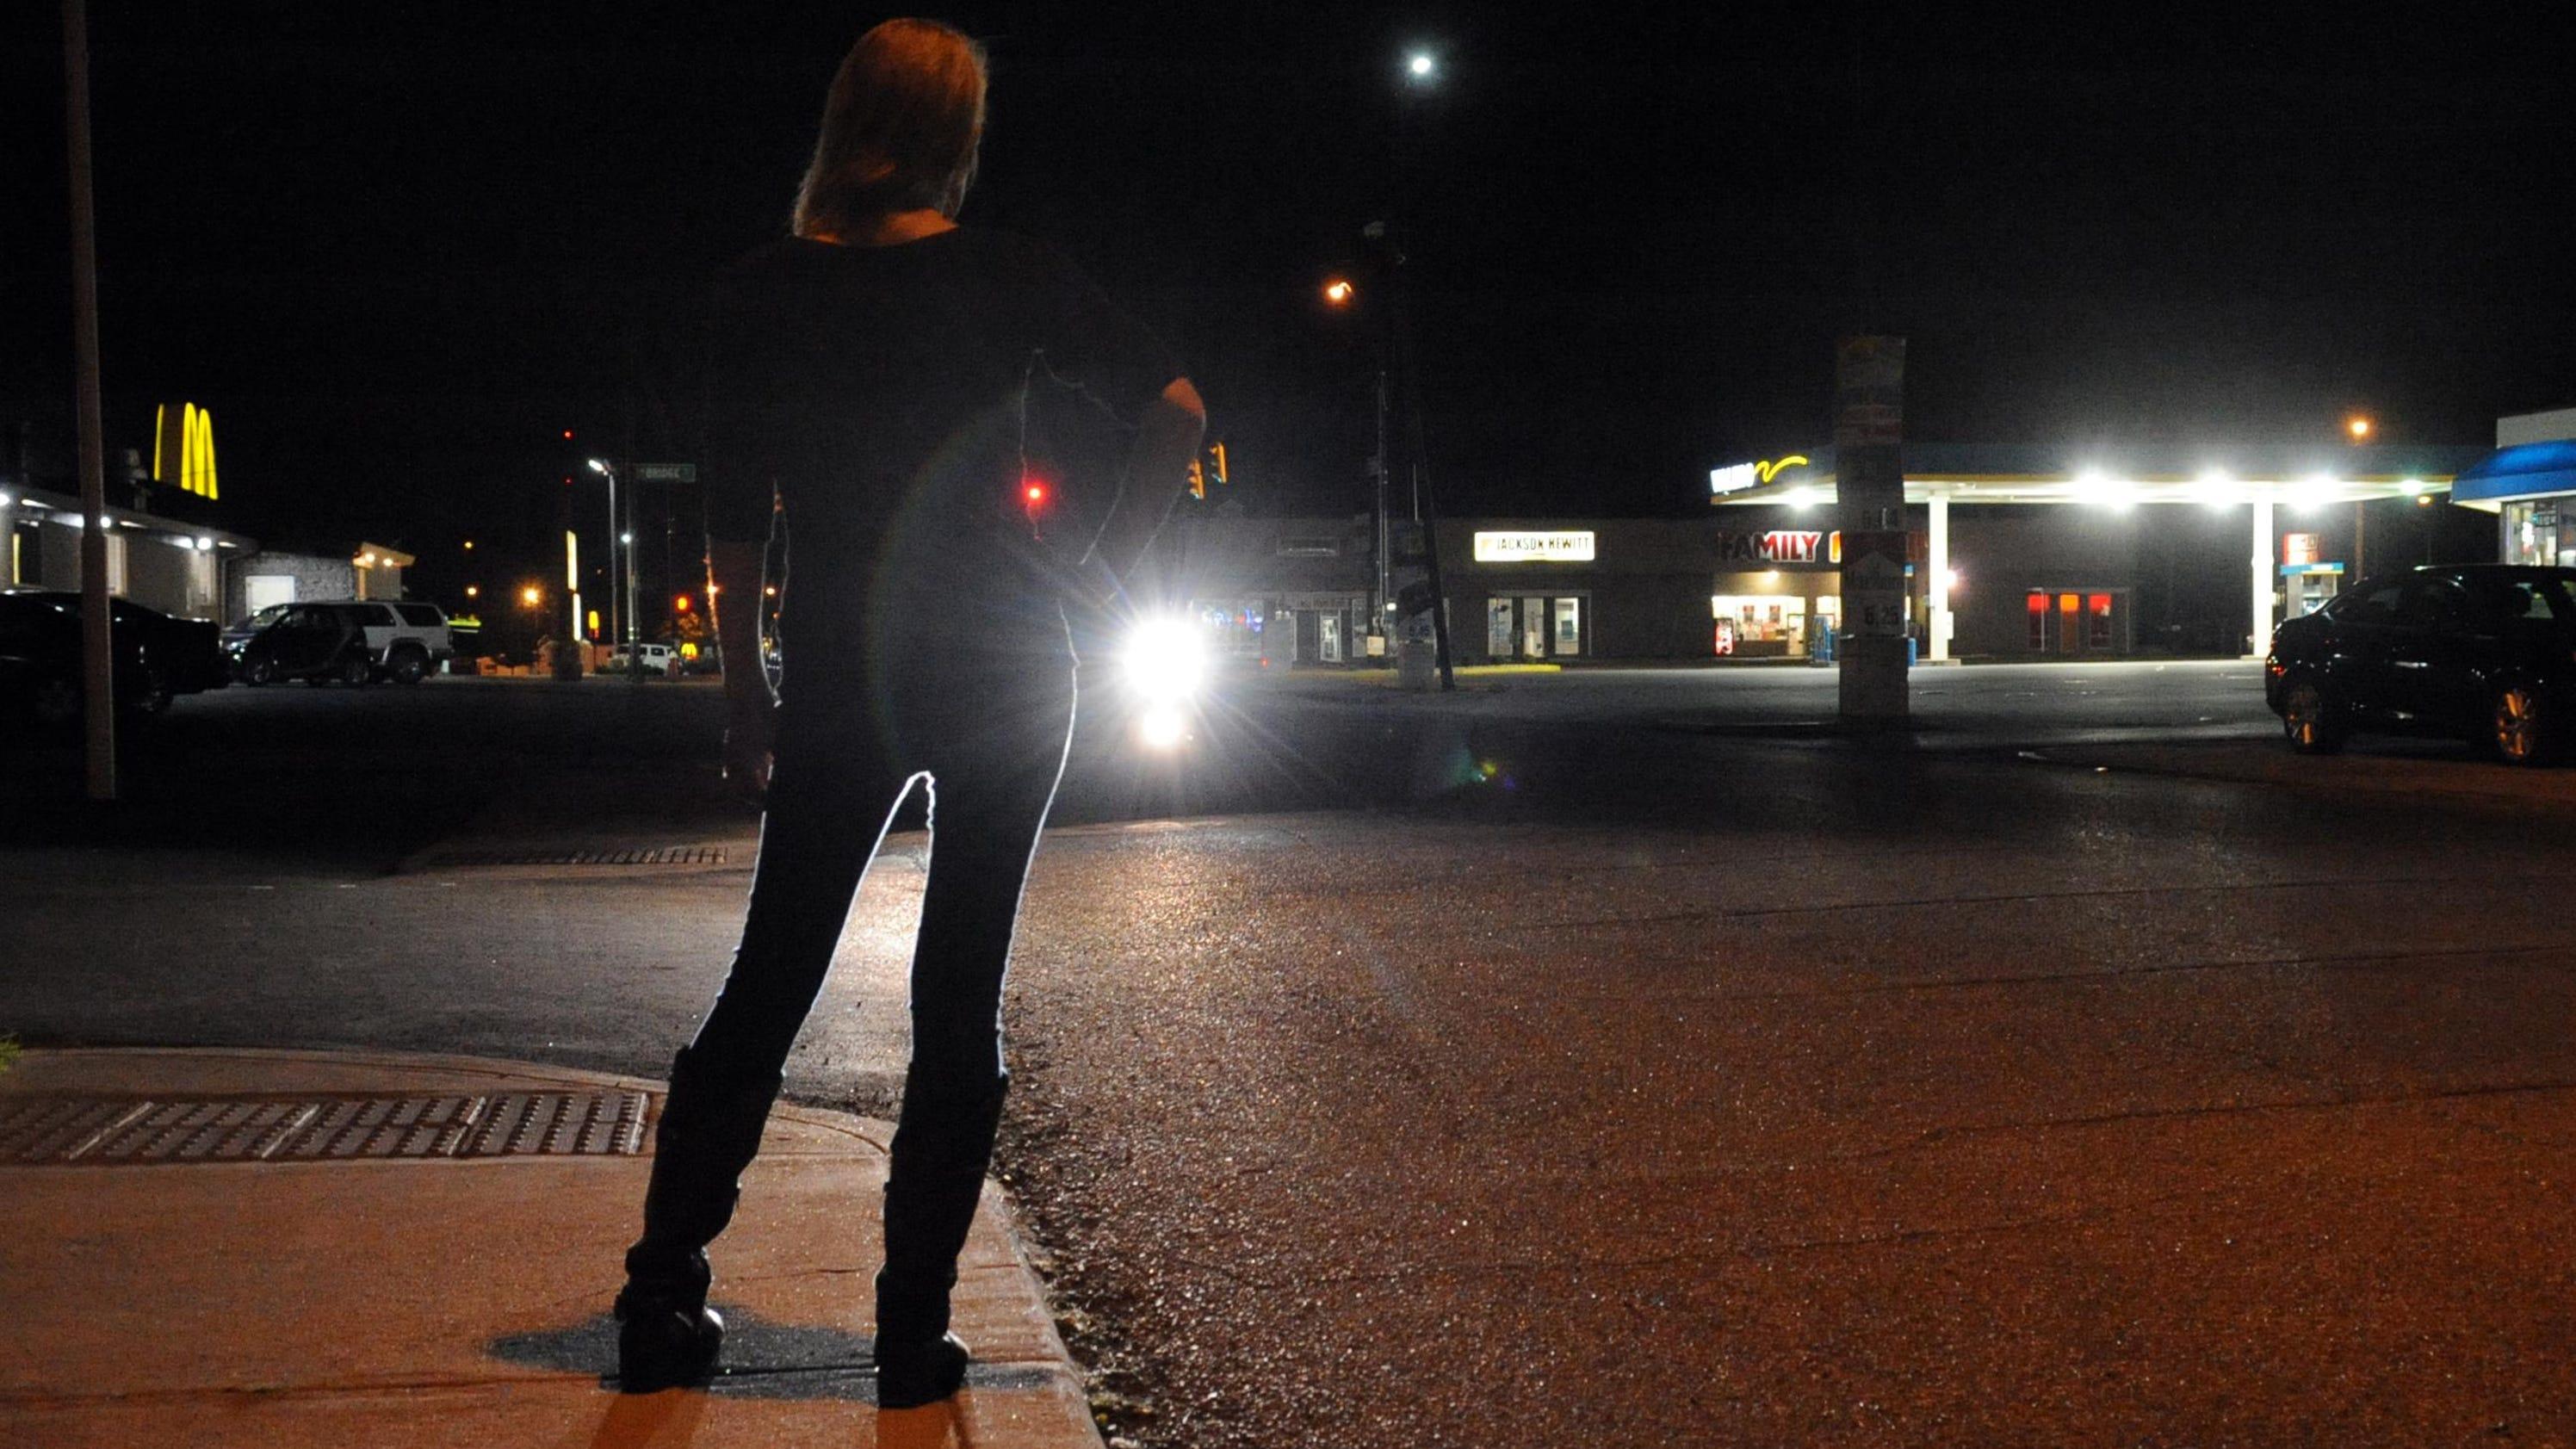 Opiate epidemic fuels prostitution in rural Ohio